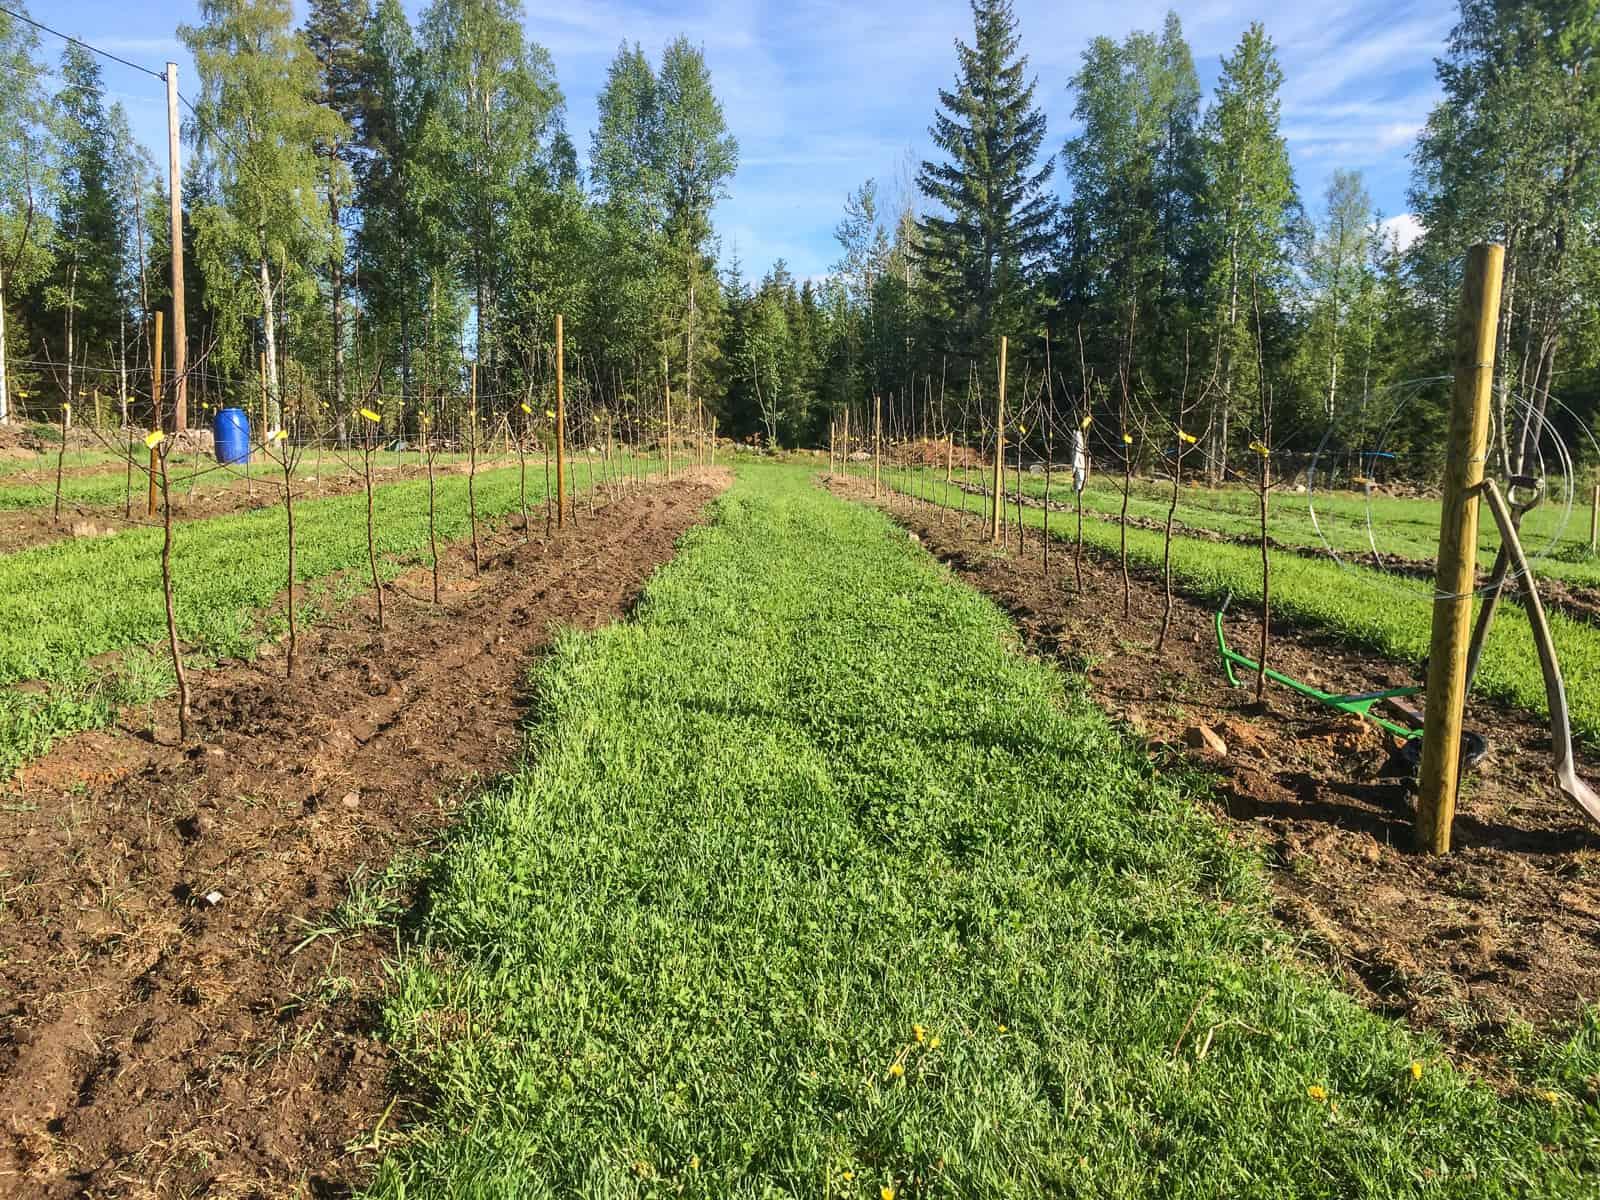 Raderna är uppdragna i en väl etablerad gräsmatta med gräs och vitklöver. Ska skaffa en kantskärare för att hålla raderna snygga.